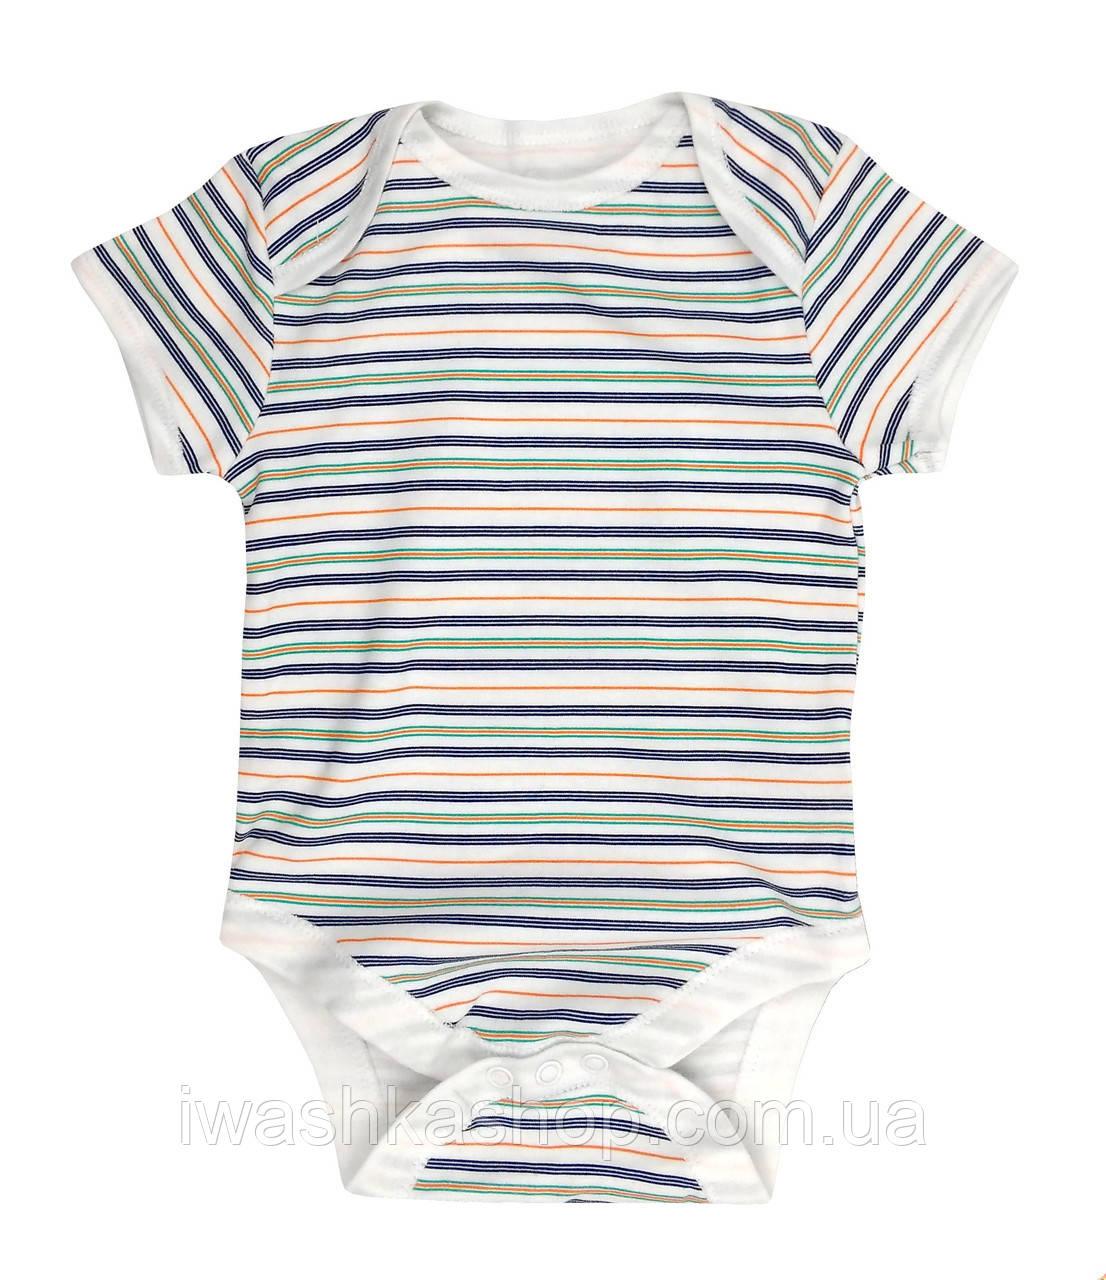 Белое боди с коротким рукавом в полоску для мальчиков 3 - 6 месяцев, р. 68, Early days by Primark